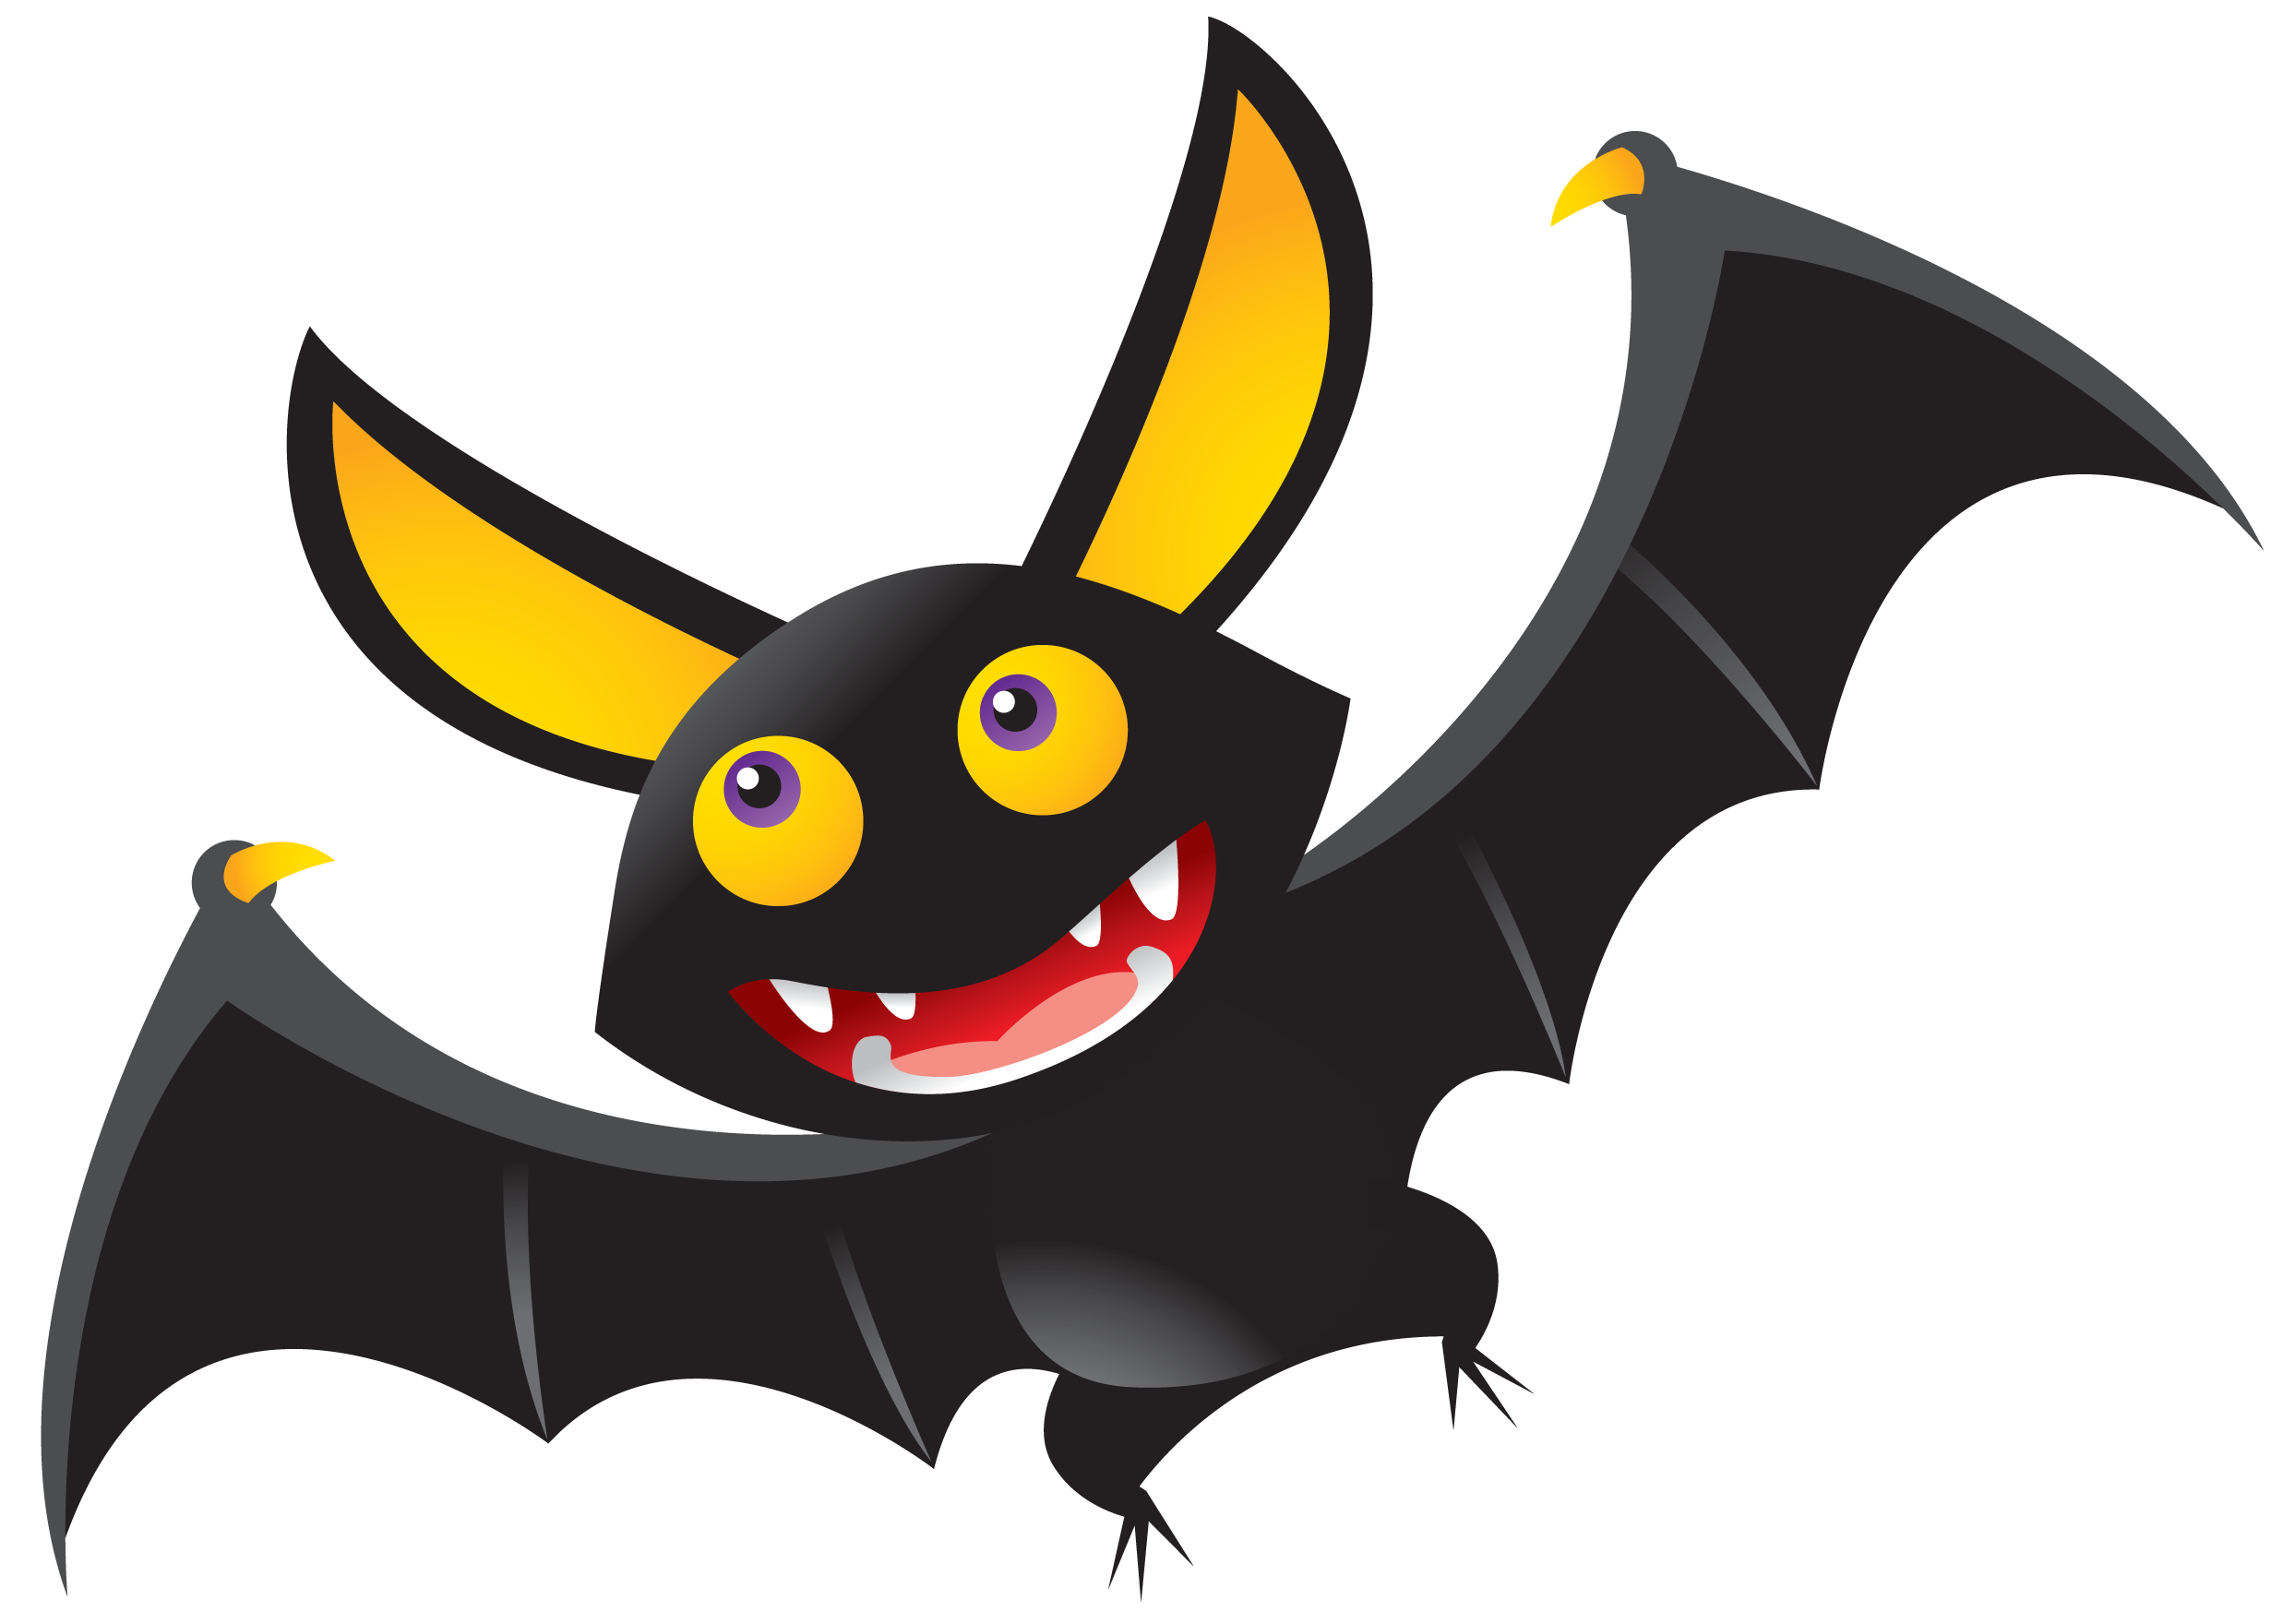 Bat Png Hd PNG Image - Bat PNG